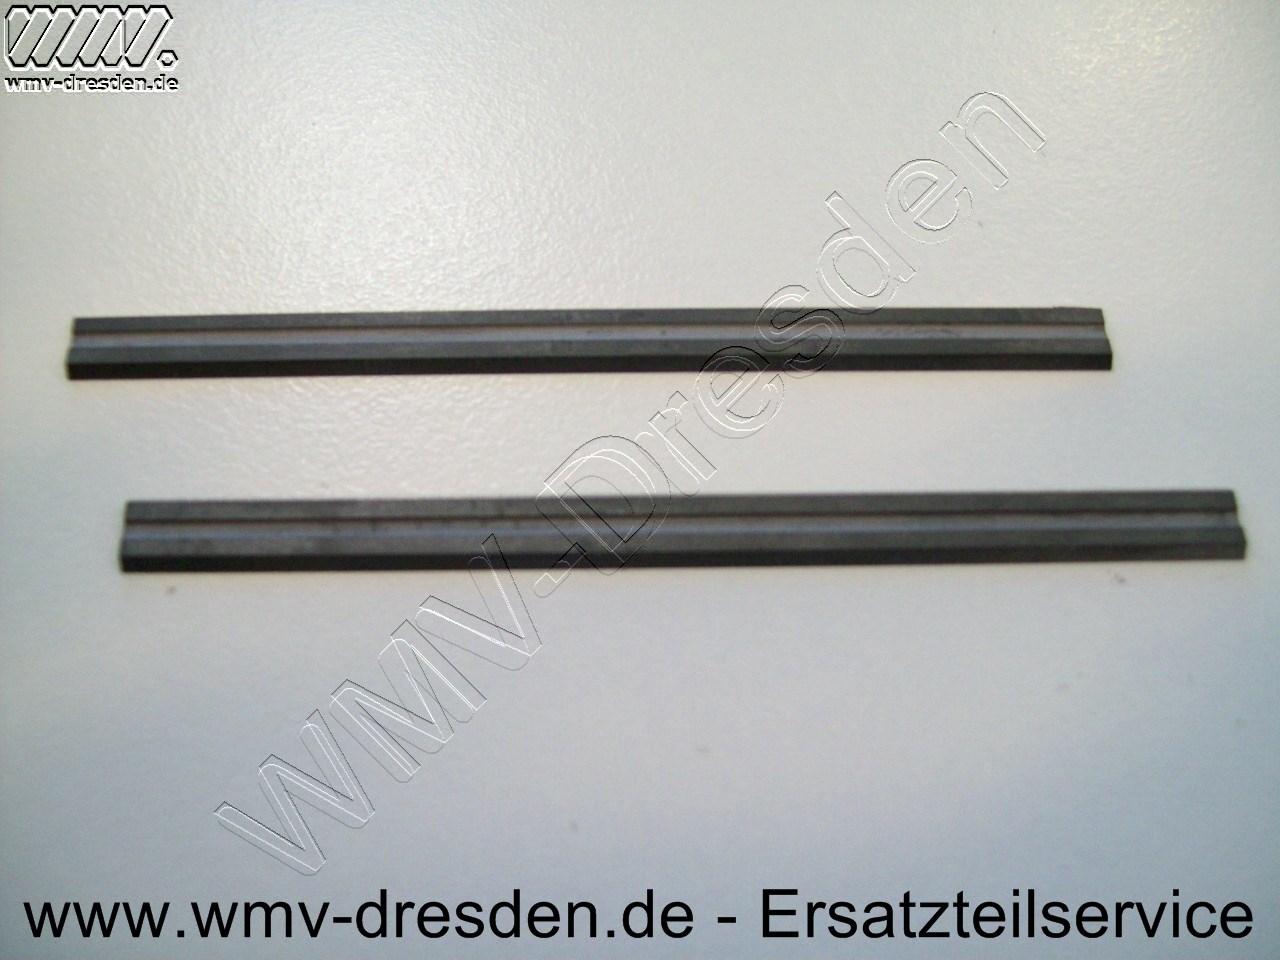 Hartmetall-Wendehobelmesserpaar 75,5 mm lang, 1,1 mm dick, 5,5 mm hoch